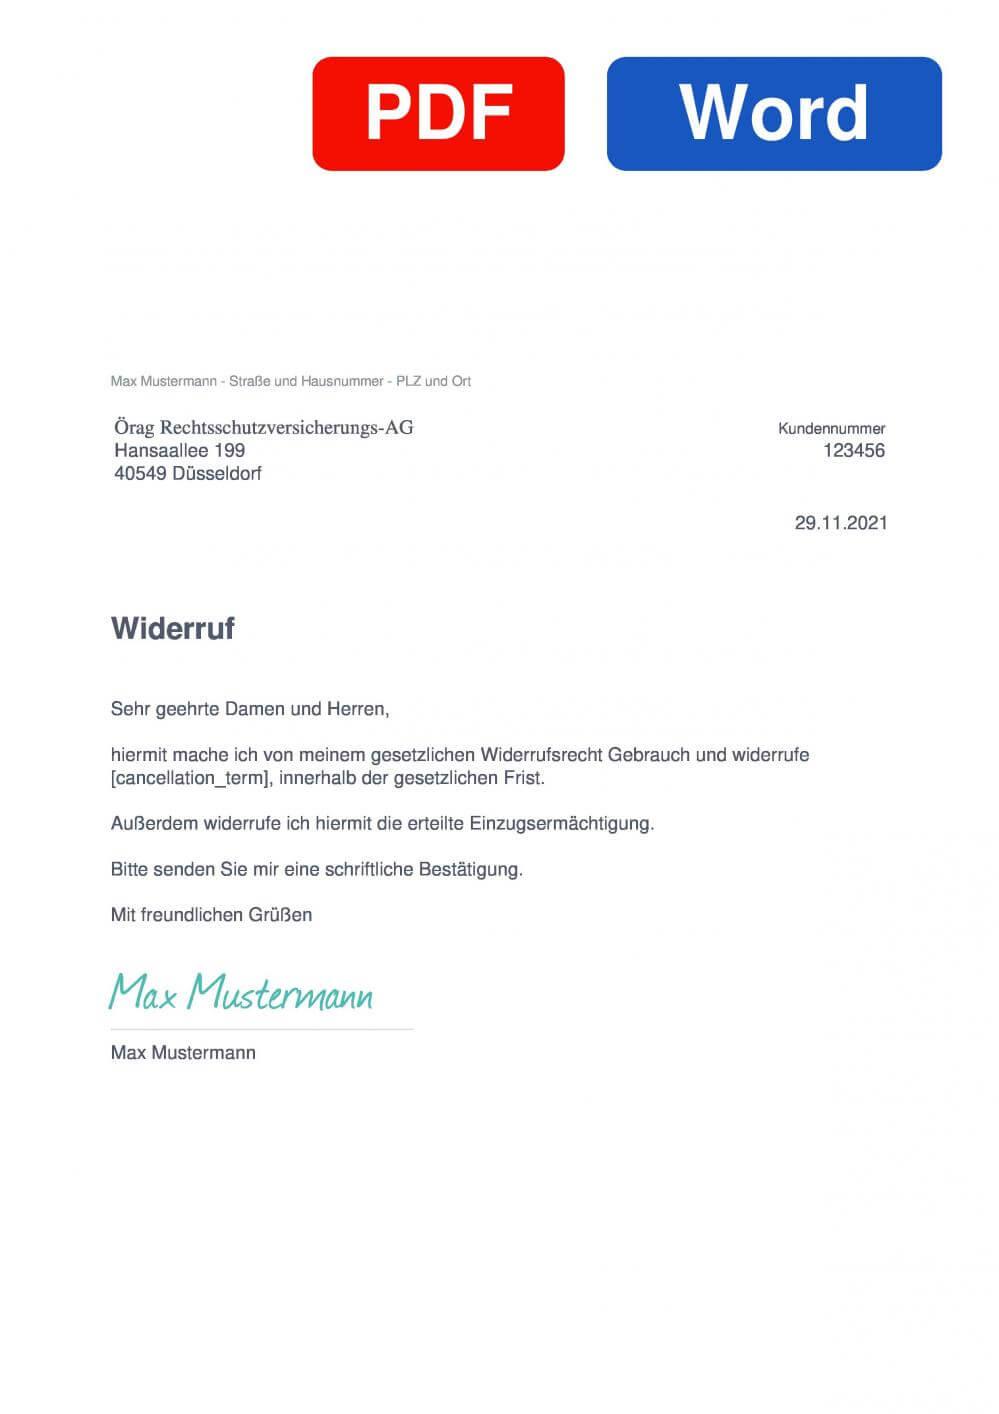 ÖRAG Rechtsschutz Muster Vorlage für Wiederrufsschreiben